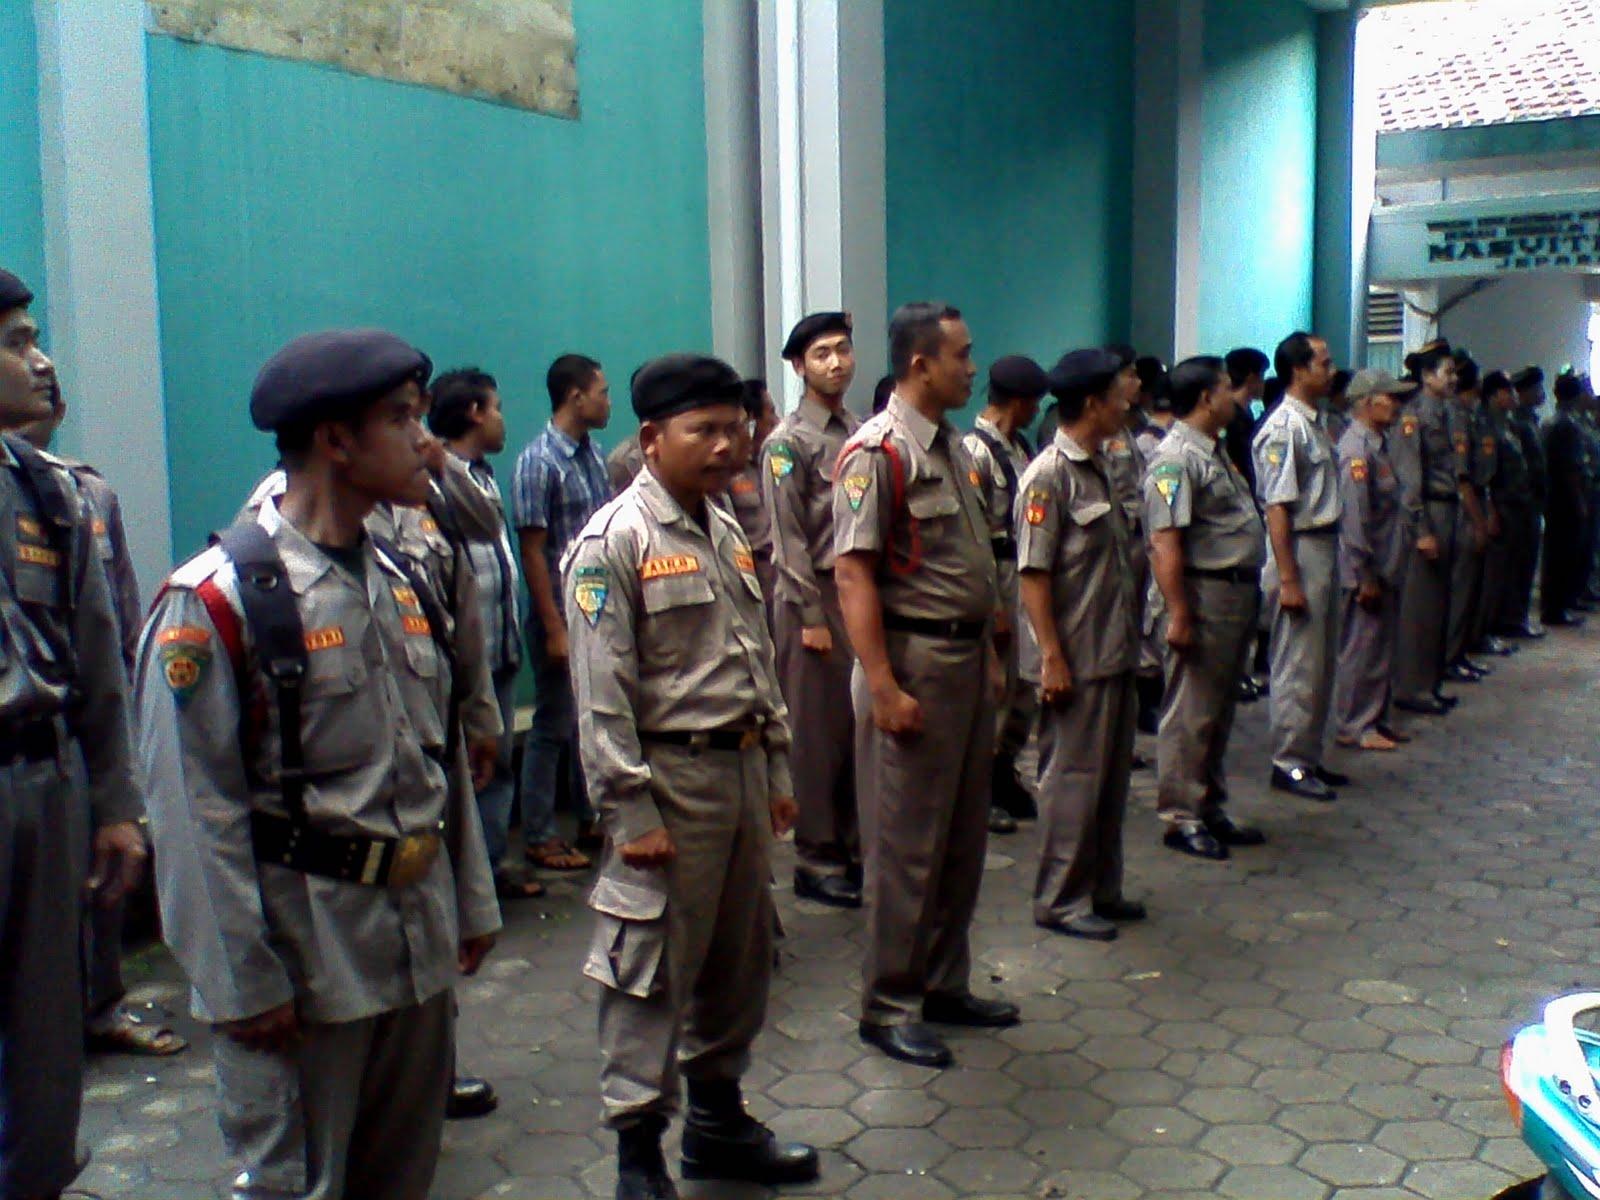 Banser Siap Amankan Pilkada Jepara Kartini NEWS